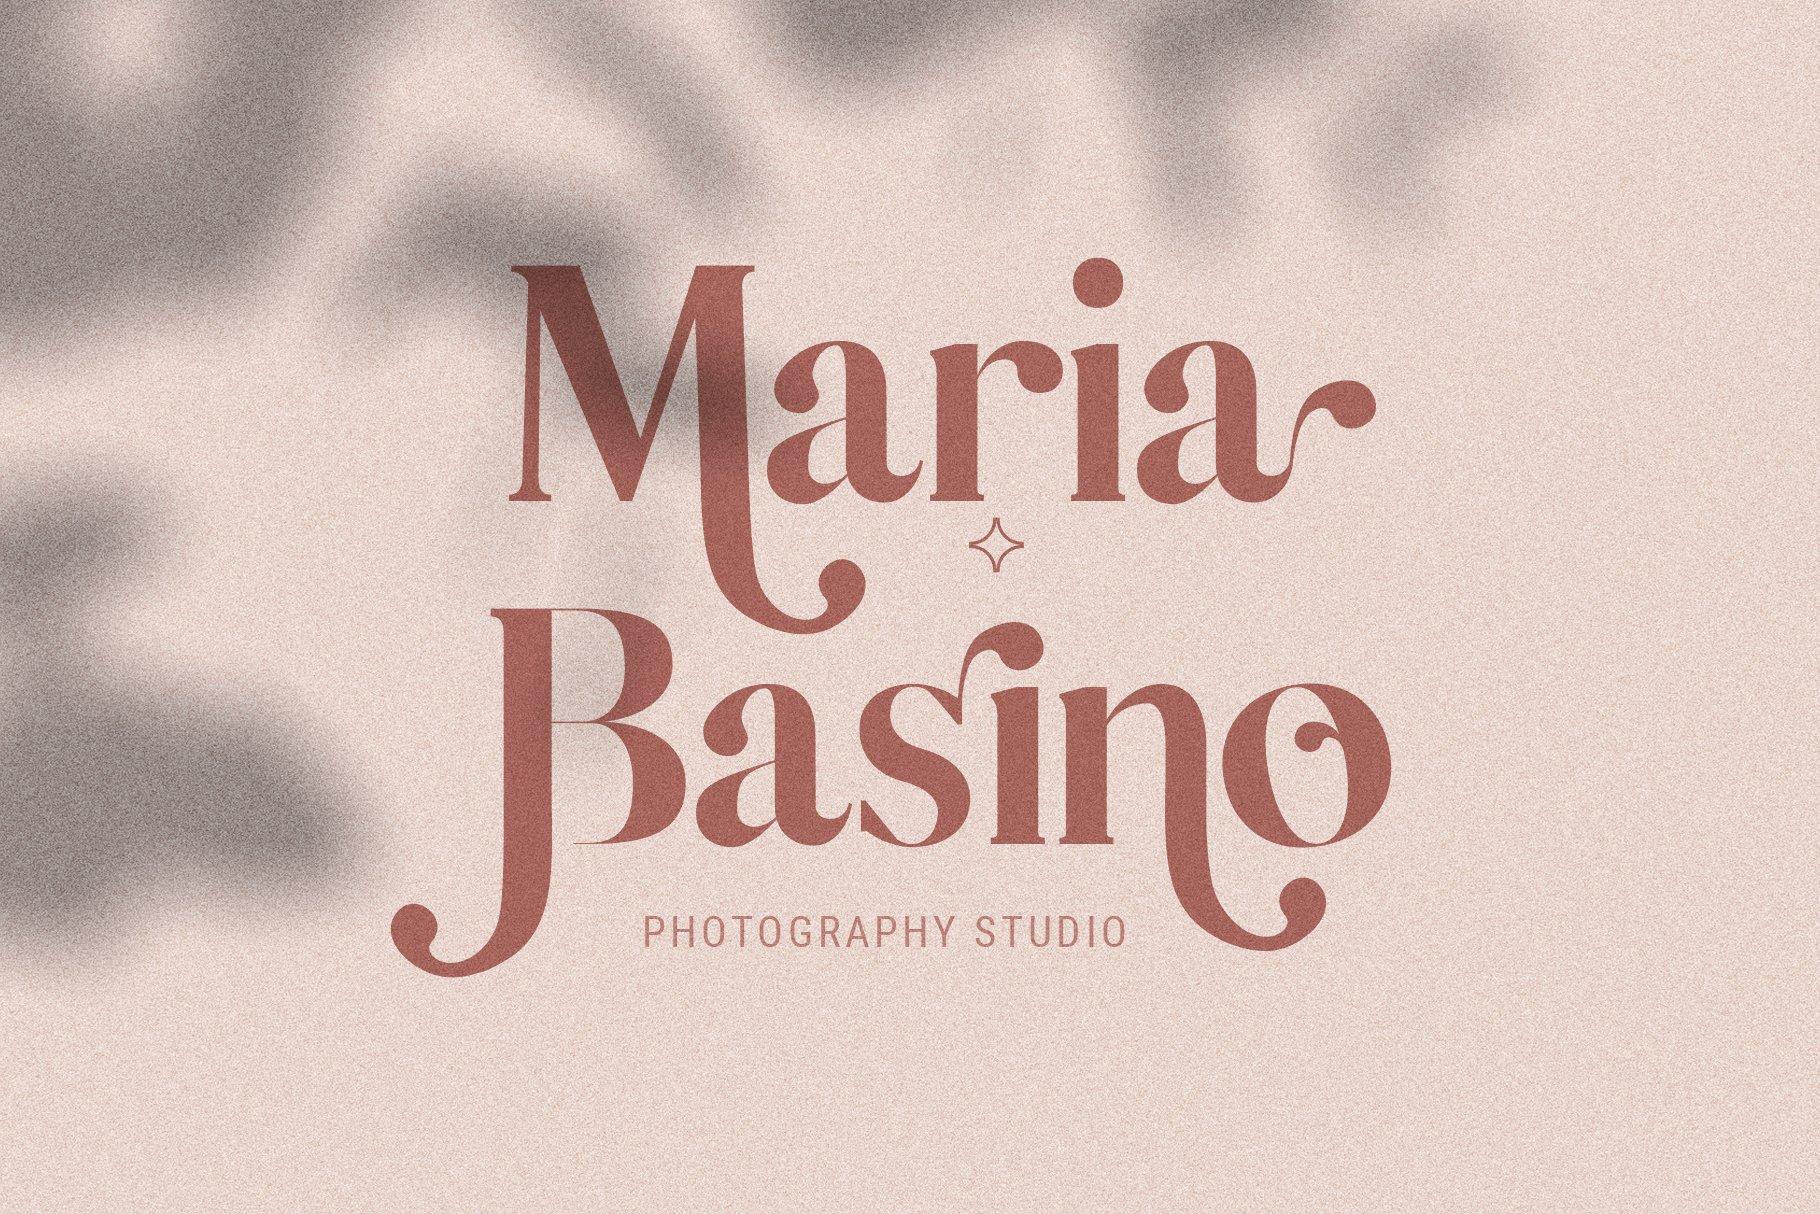 Vicky Christina - Chic & Stylish Ligature Serif Font example image 23